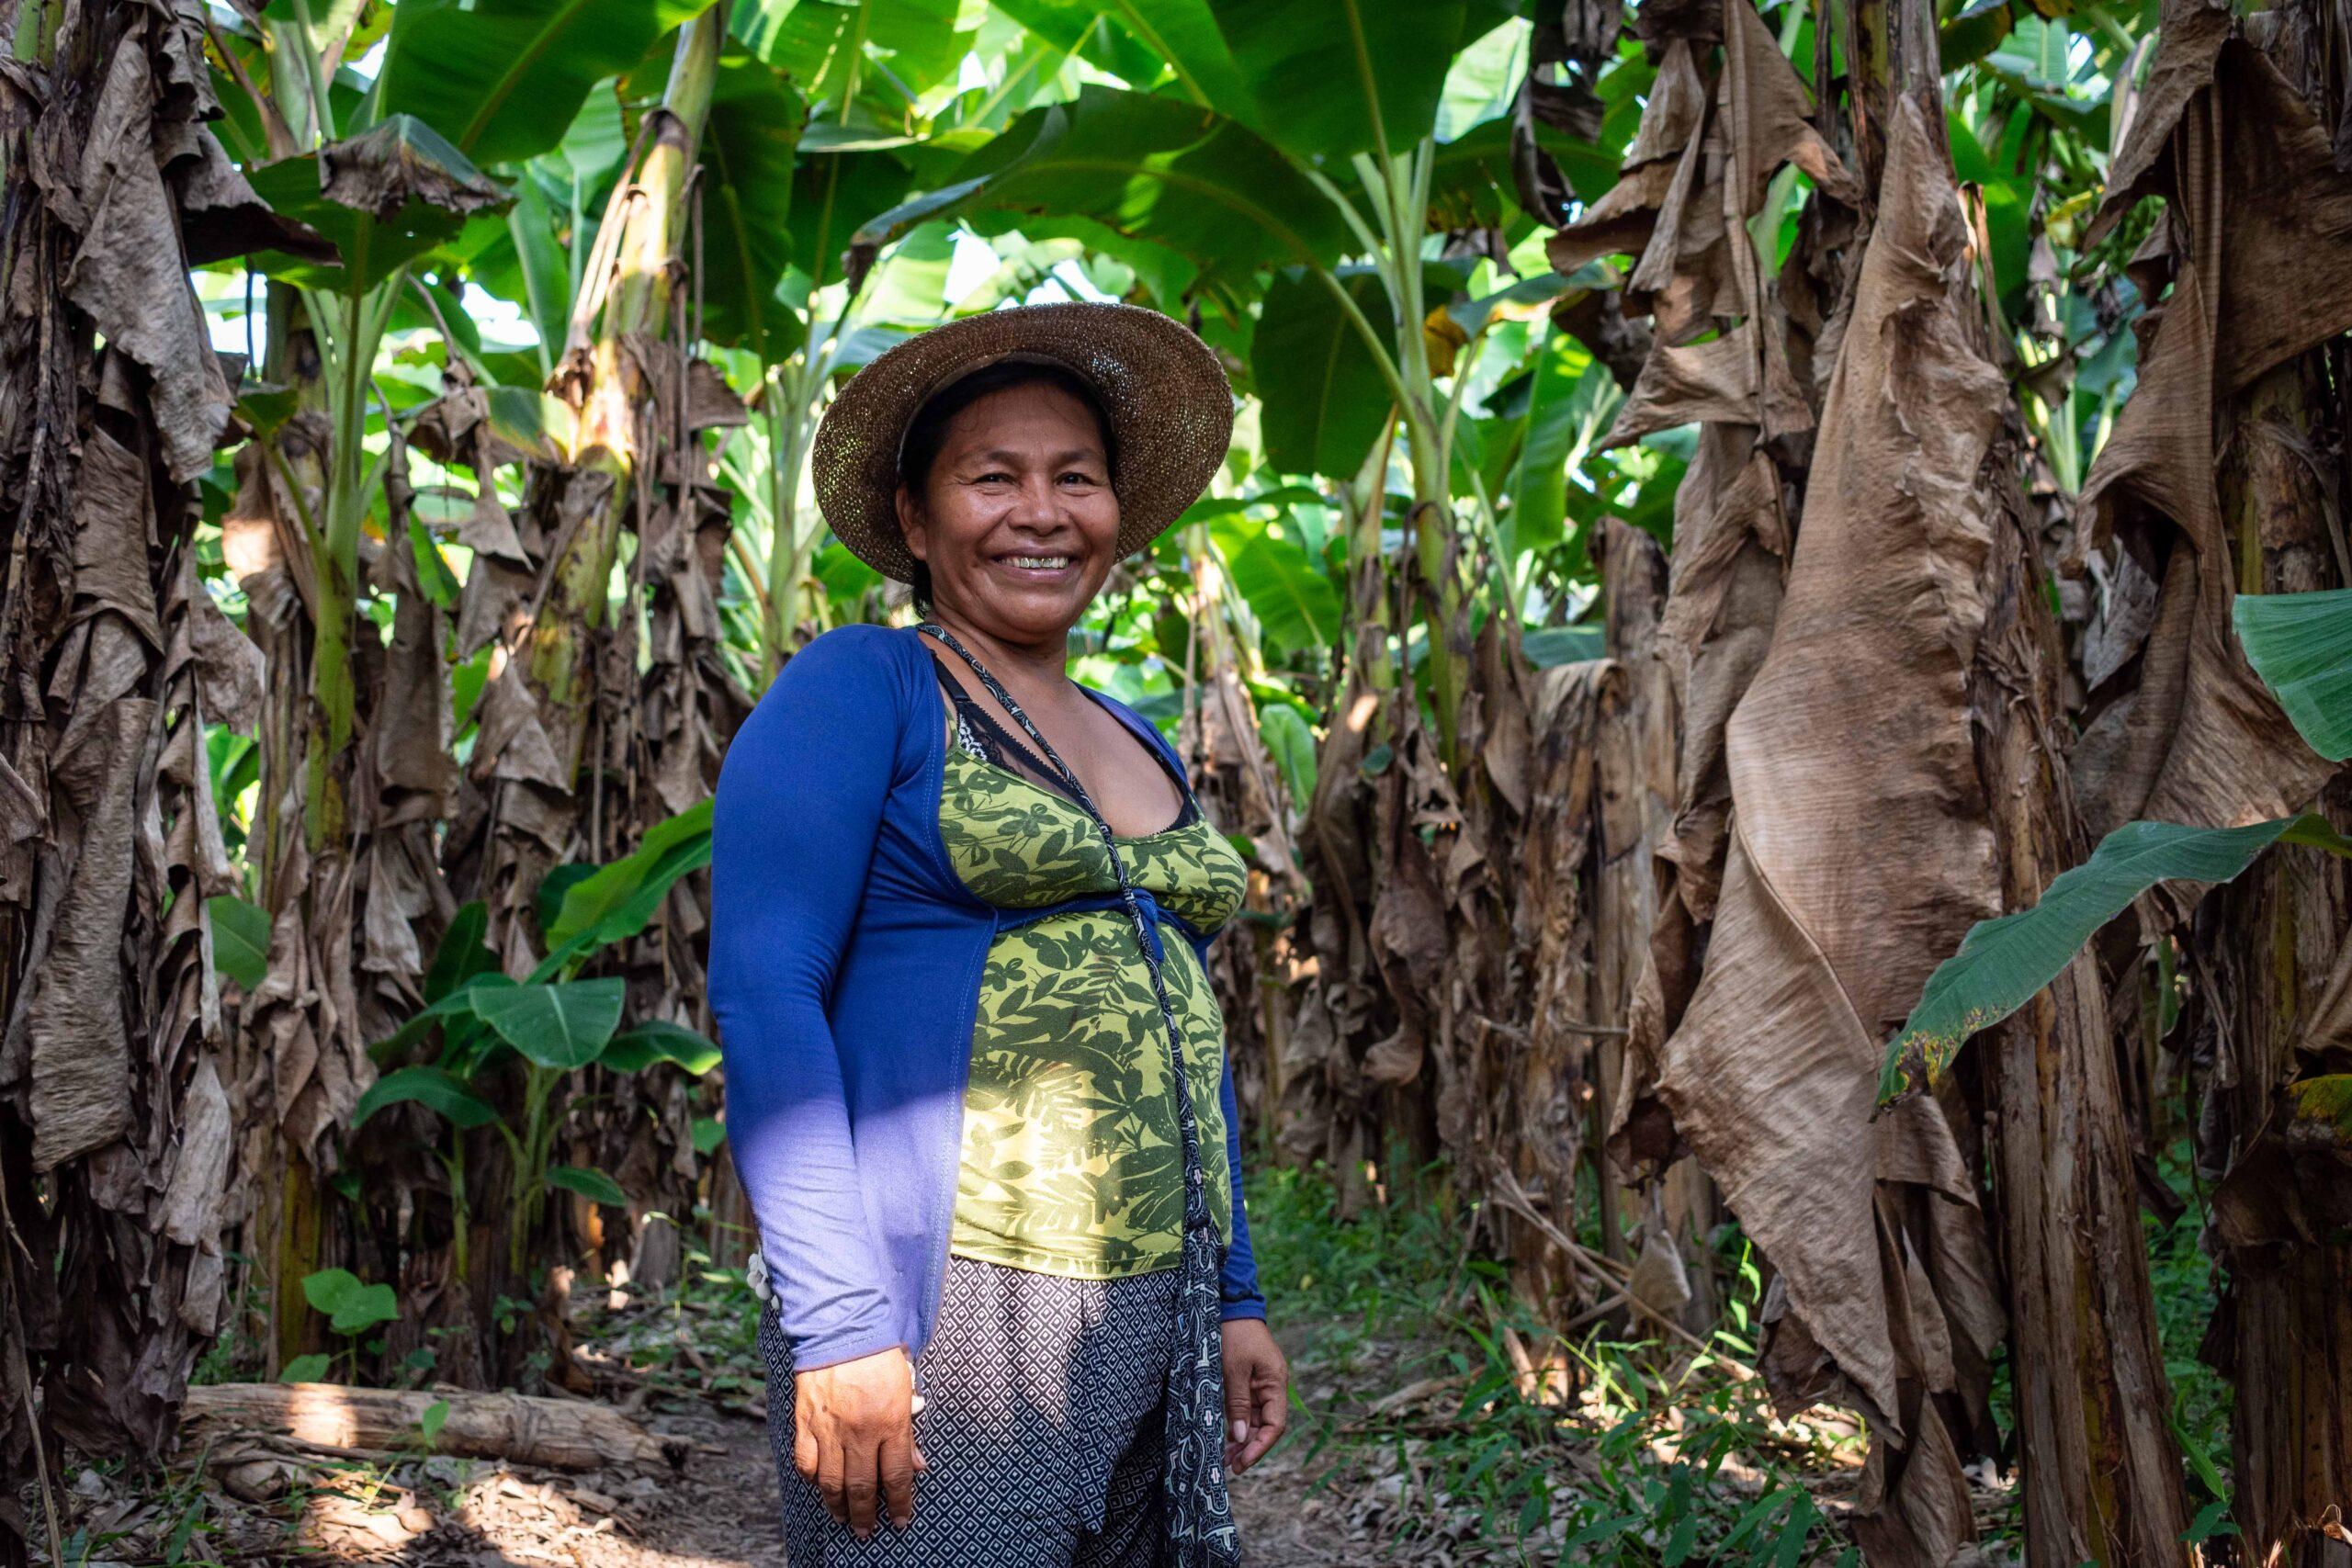 Por una reforma agraria integral, desde nosotras y con nosotras y cuidando a la Madre Tierra